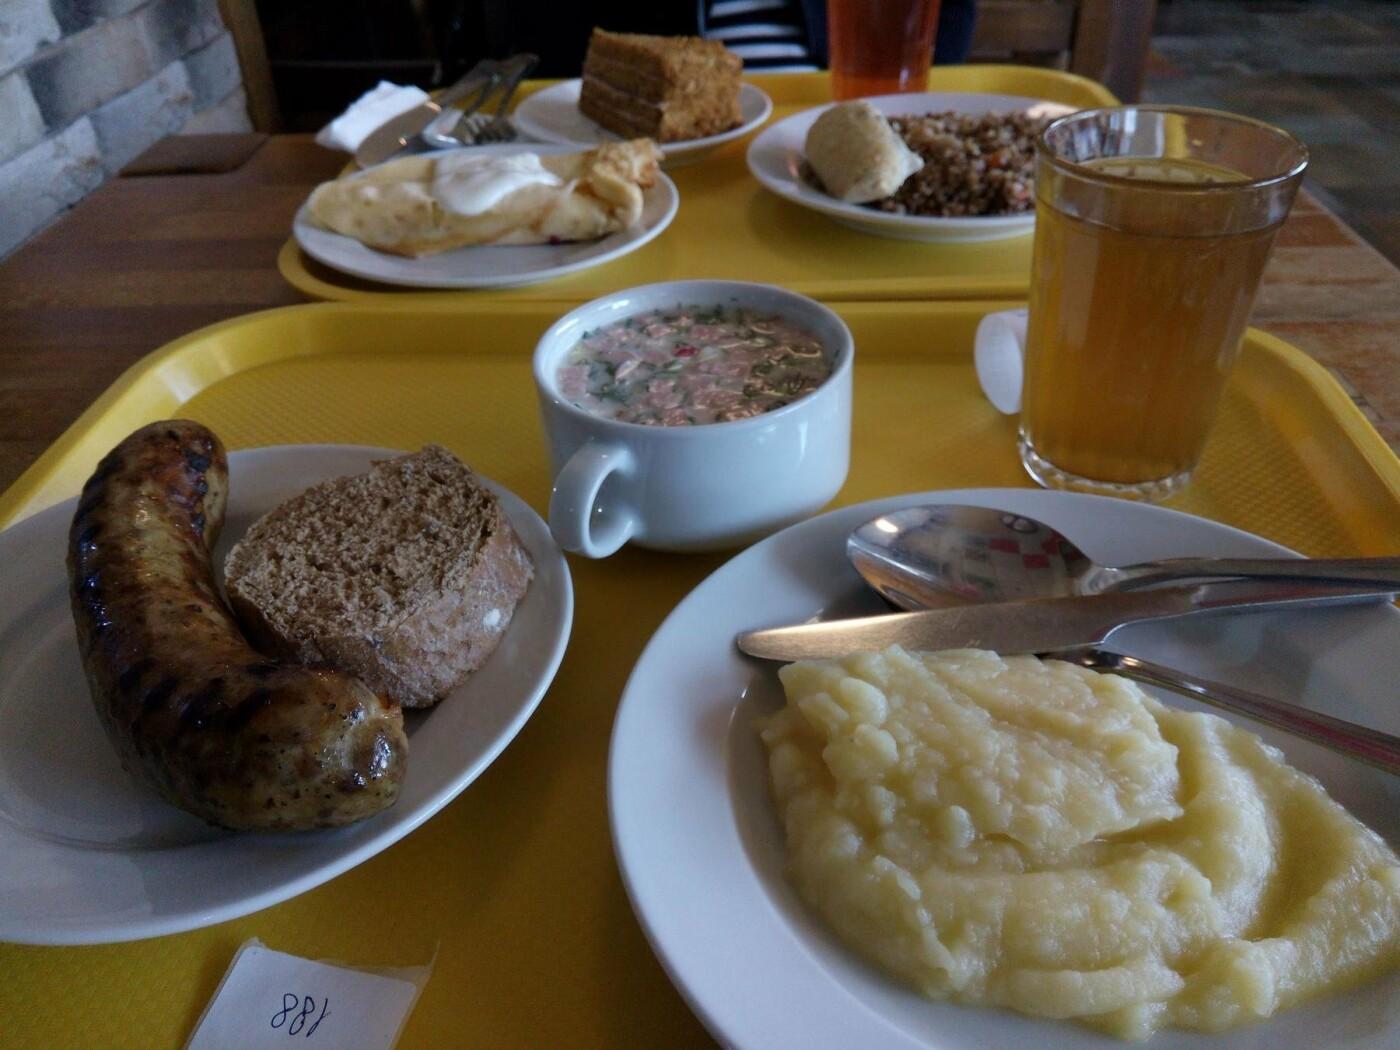 """Грязно и холодные блюда, но дешево: проверили ресторан """"Дрова"""" на Привокзальной, фото-22"""